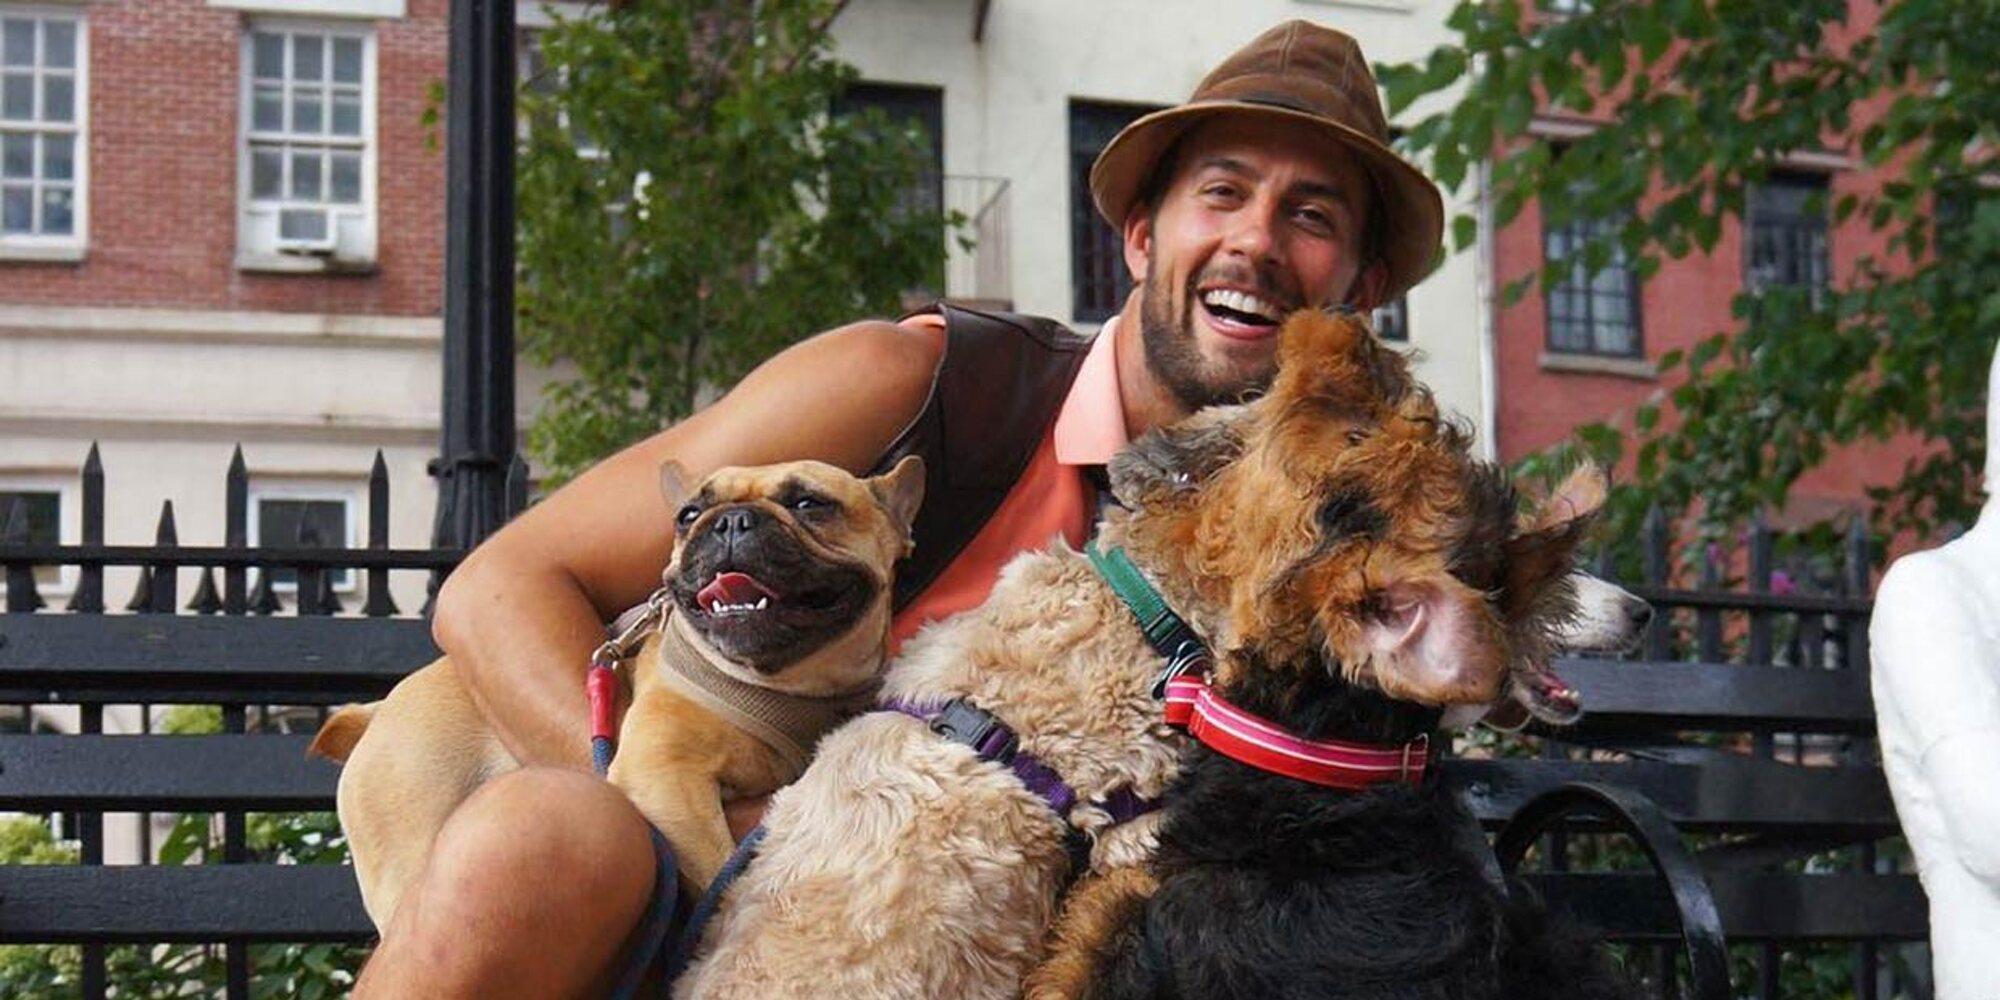 El problema al que se enfrenta Ryan Fisher, el cuidador de perros de Lady Gaga que recibió un disparo en el pecho